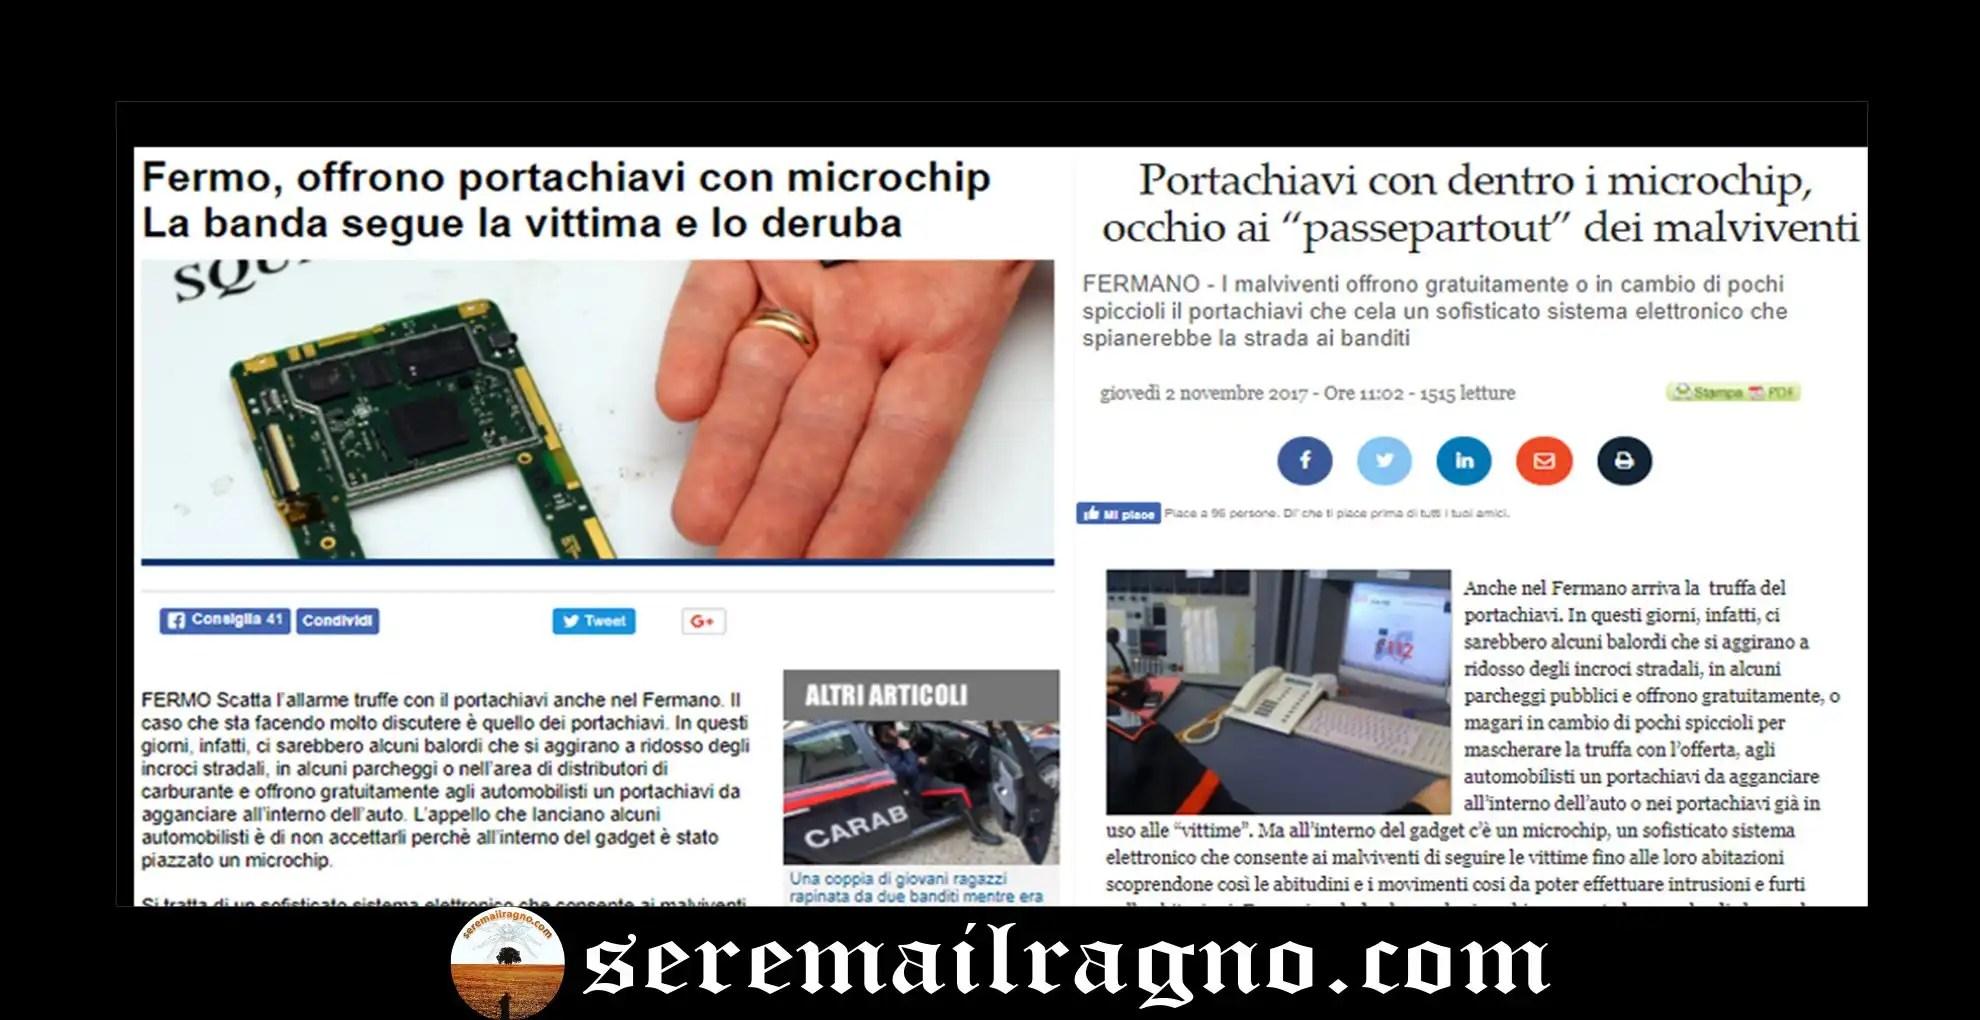 La fake news dei portachiavi con microchip sbarca nel fermano